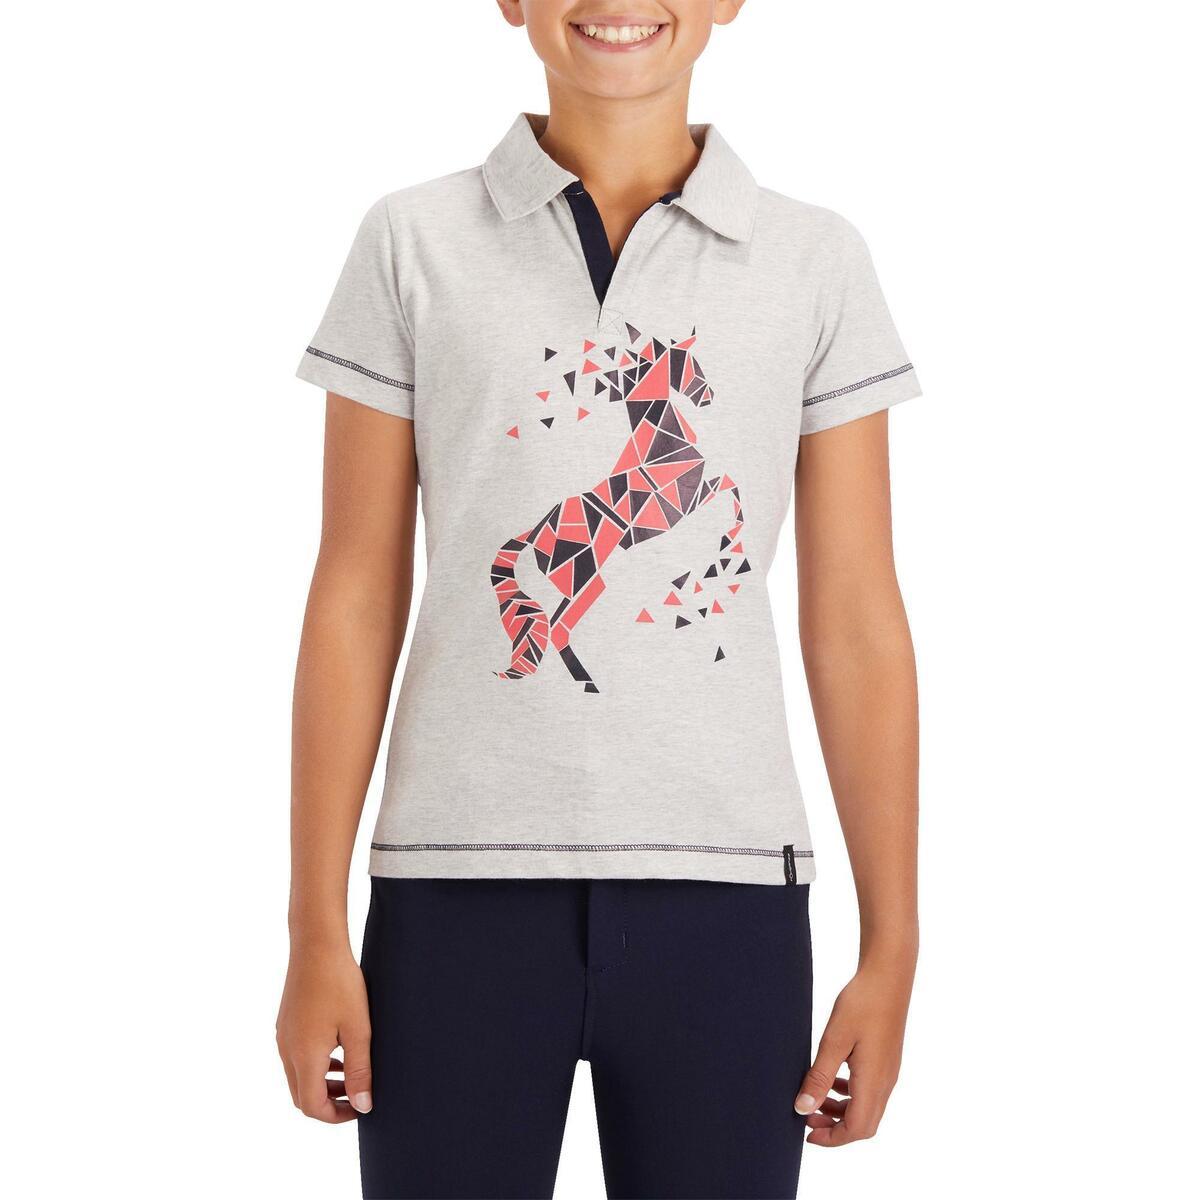 Bild 2 von Reit-Poloshirt Kurzarm Kinder Mädchen graumeliert mit rosafarbenem Motiv